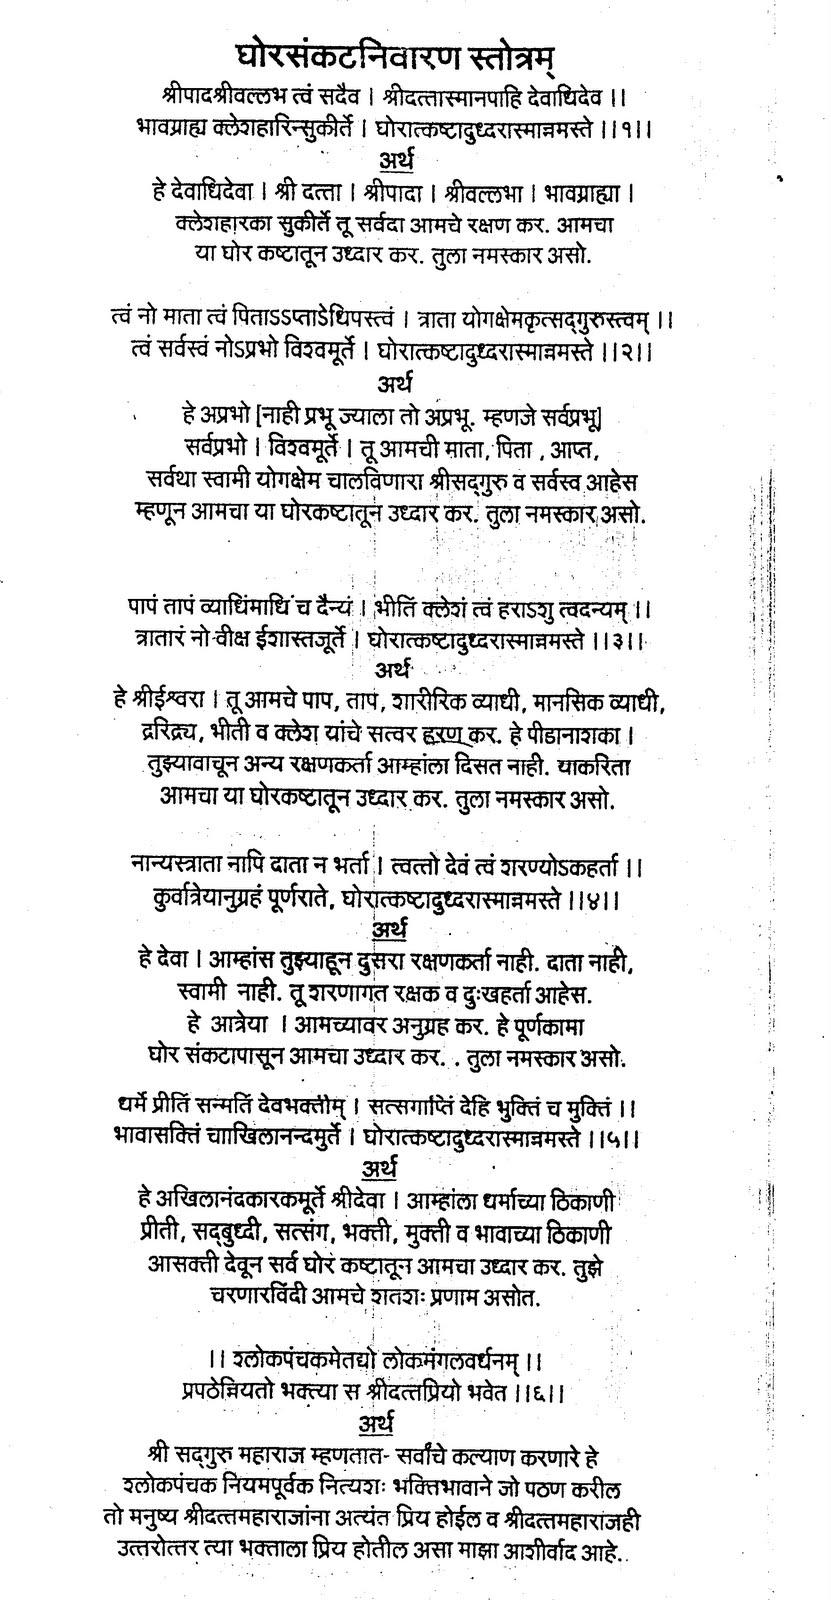 GHORATKASHTA STOTRA PDF